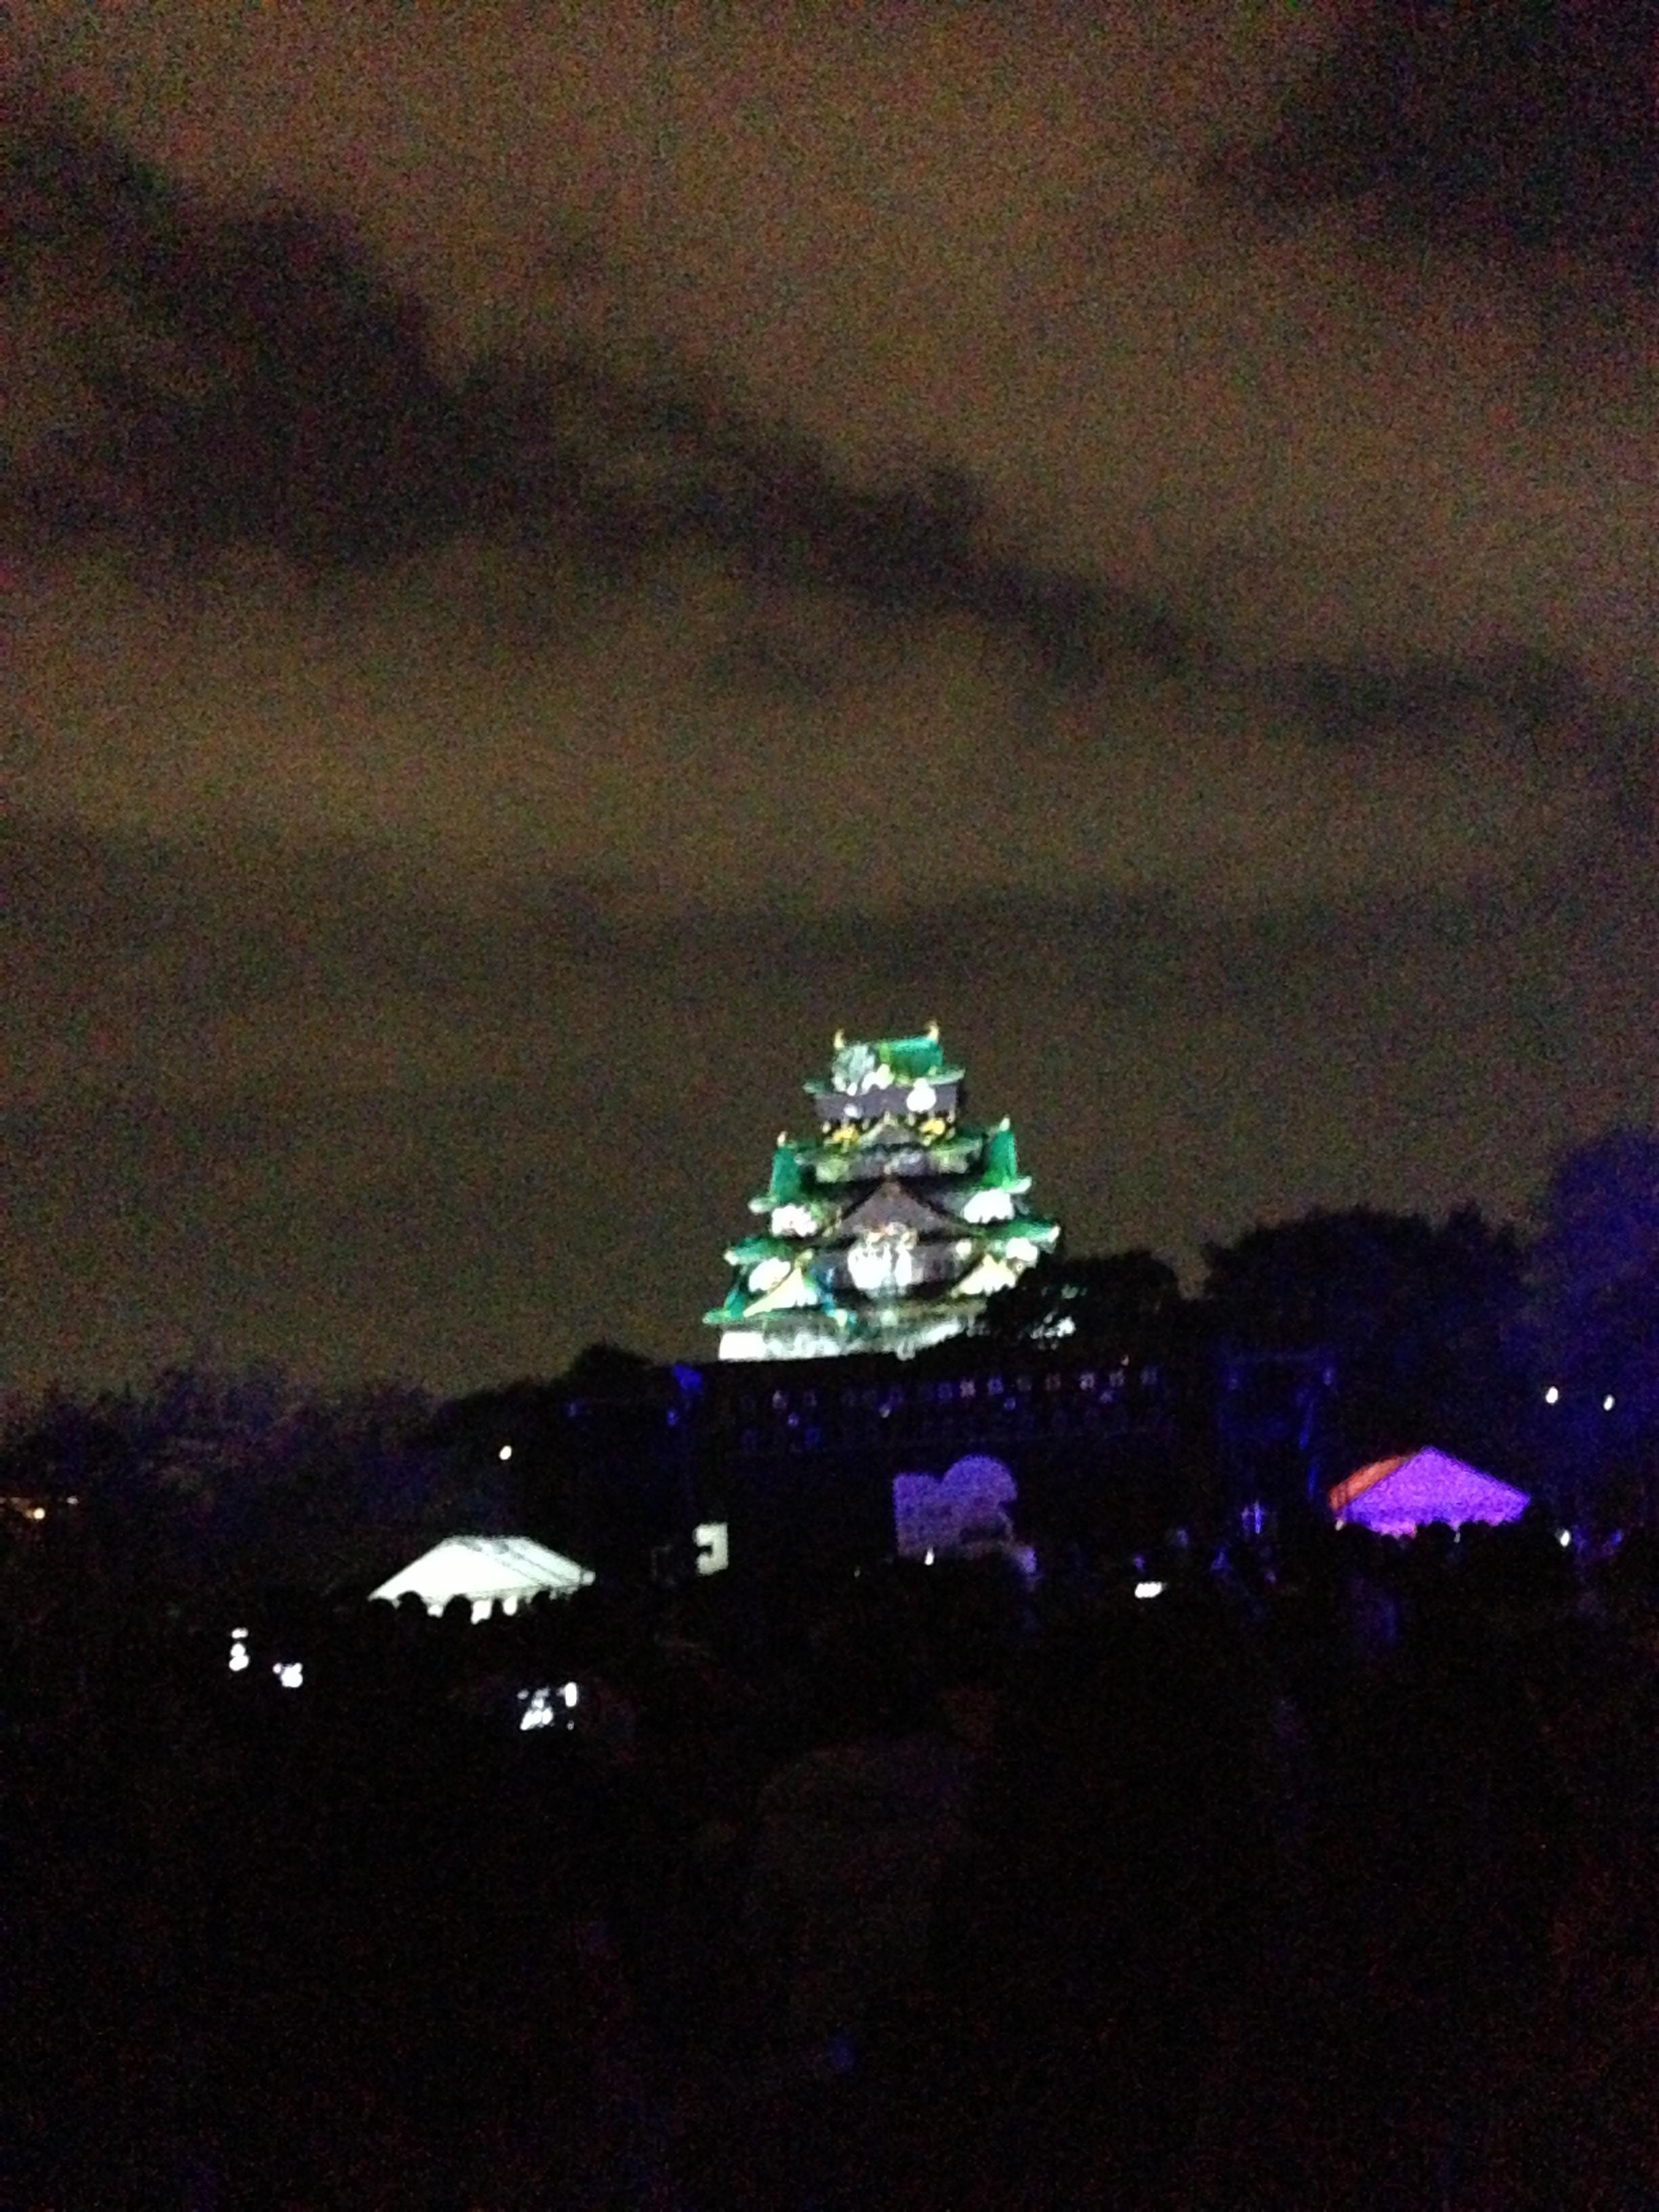 【2013】プロジェクションマッピングとイルミネーション、大阪城年越しイベント@大阪